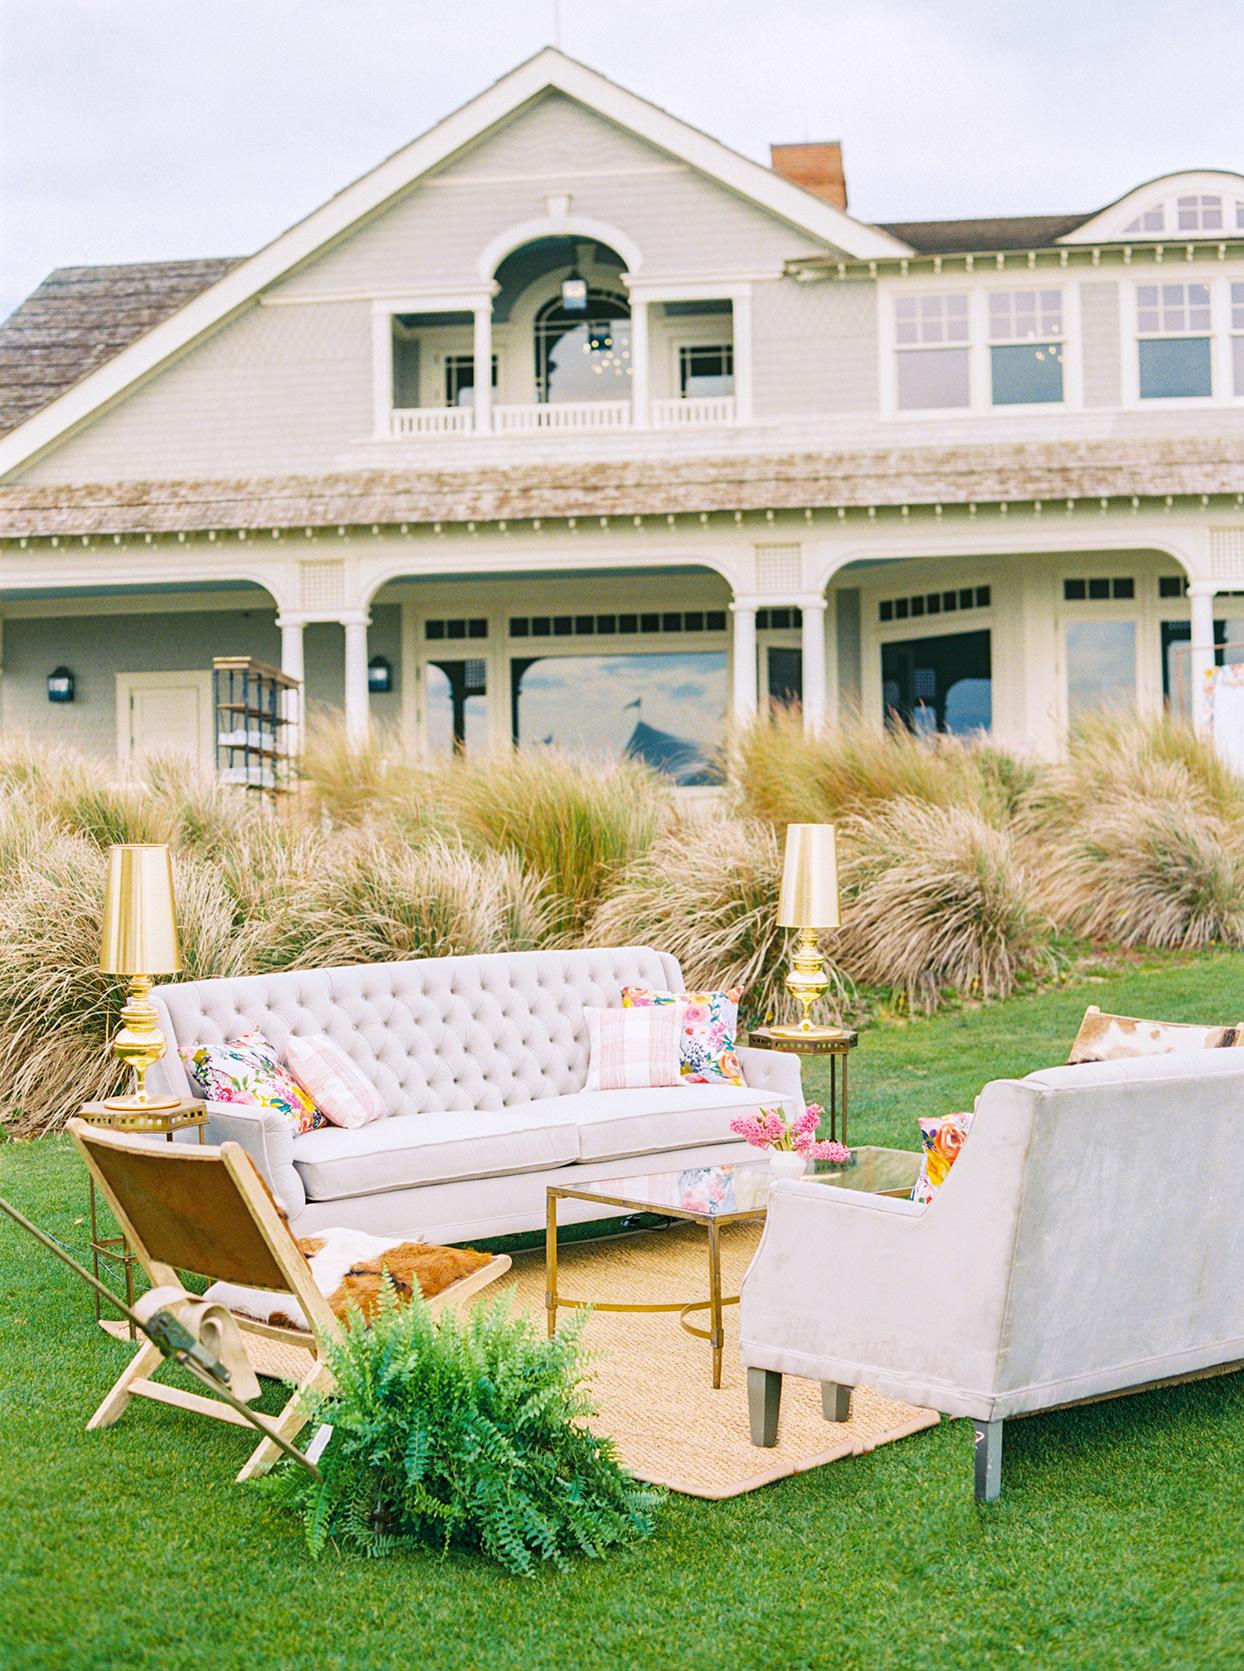 lauren dan outdoor wedding lounge area in front of beach house